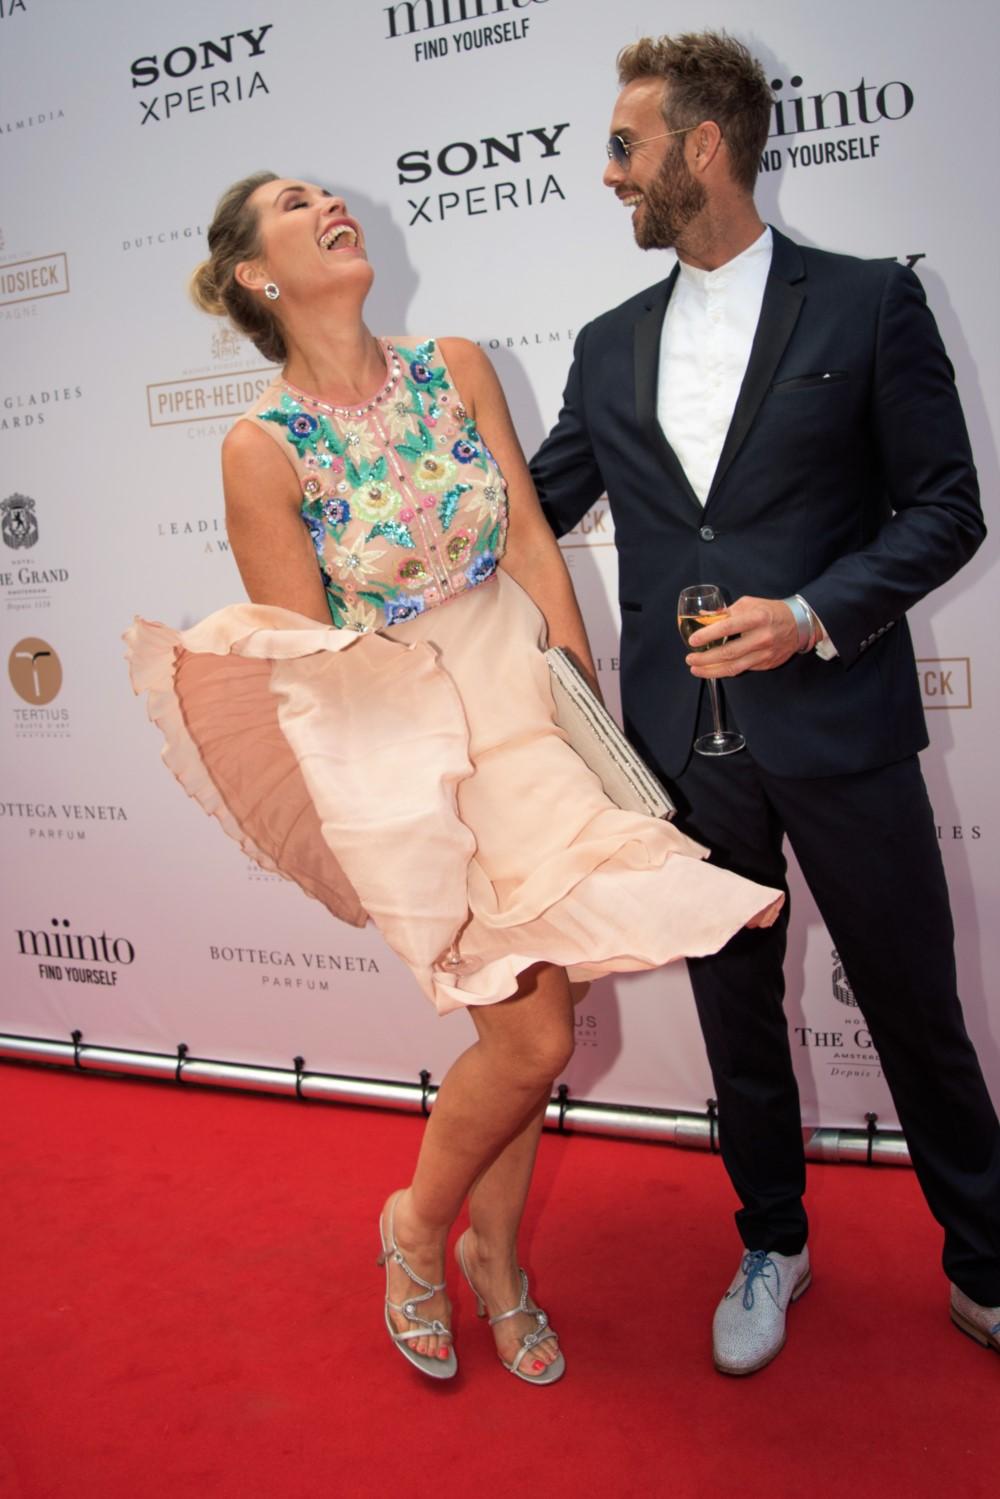 Piper-Heidsieck Leading Ladies Awards – Tanja Jess en Charly Luske – Dutch Global Media